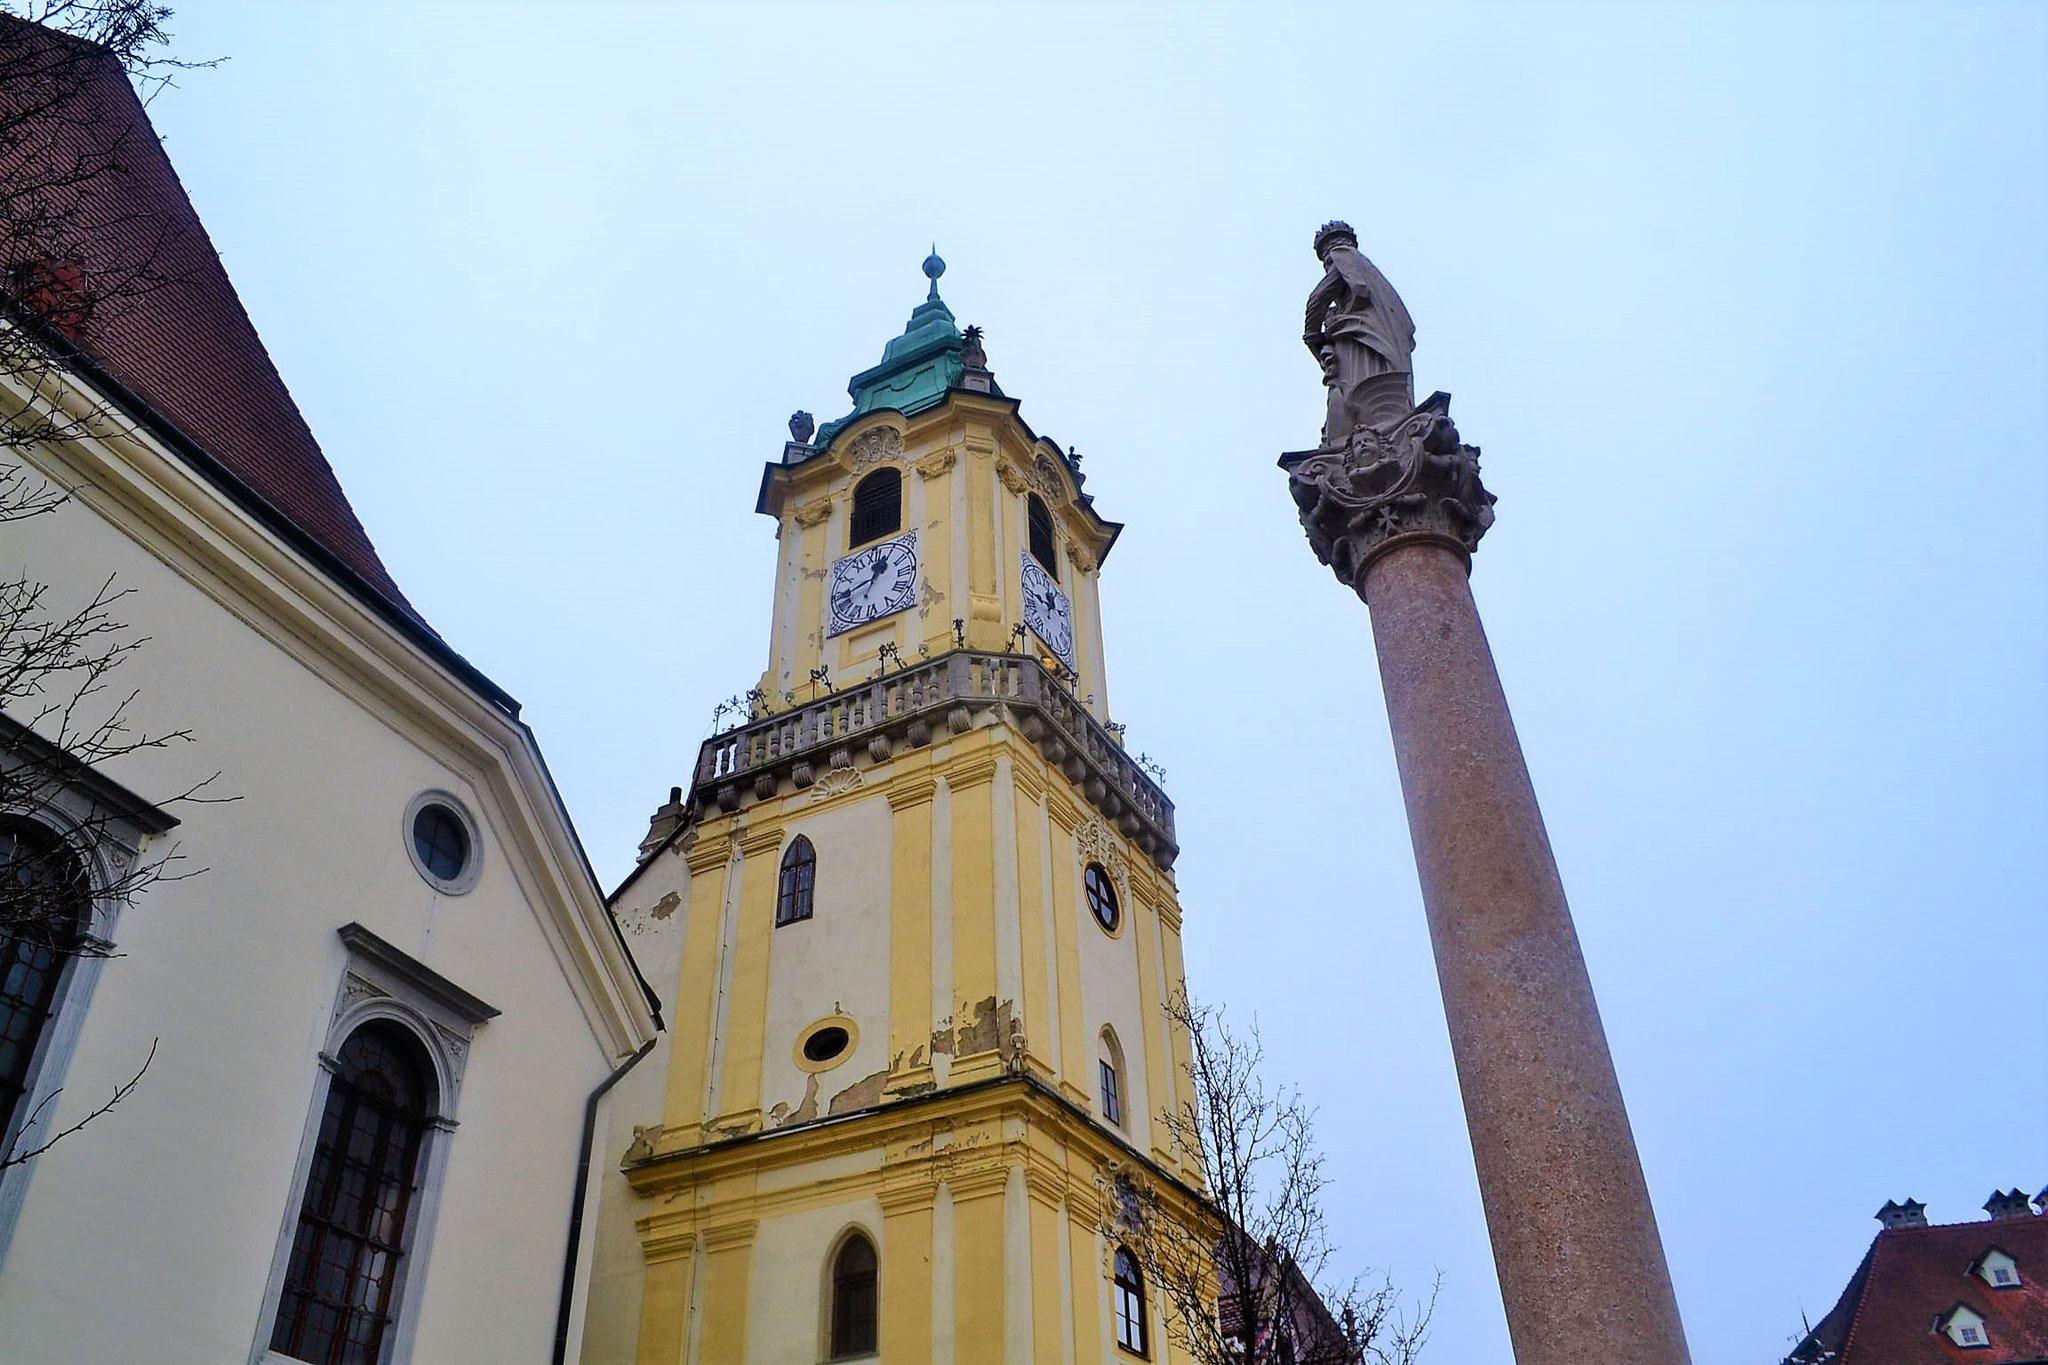 Brógyányi Mihály (Bratislava-SK) - Bratislava (SK)